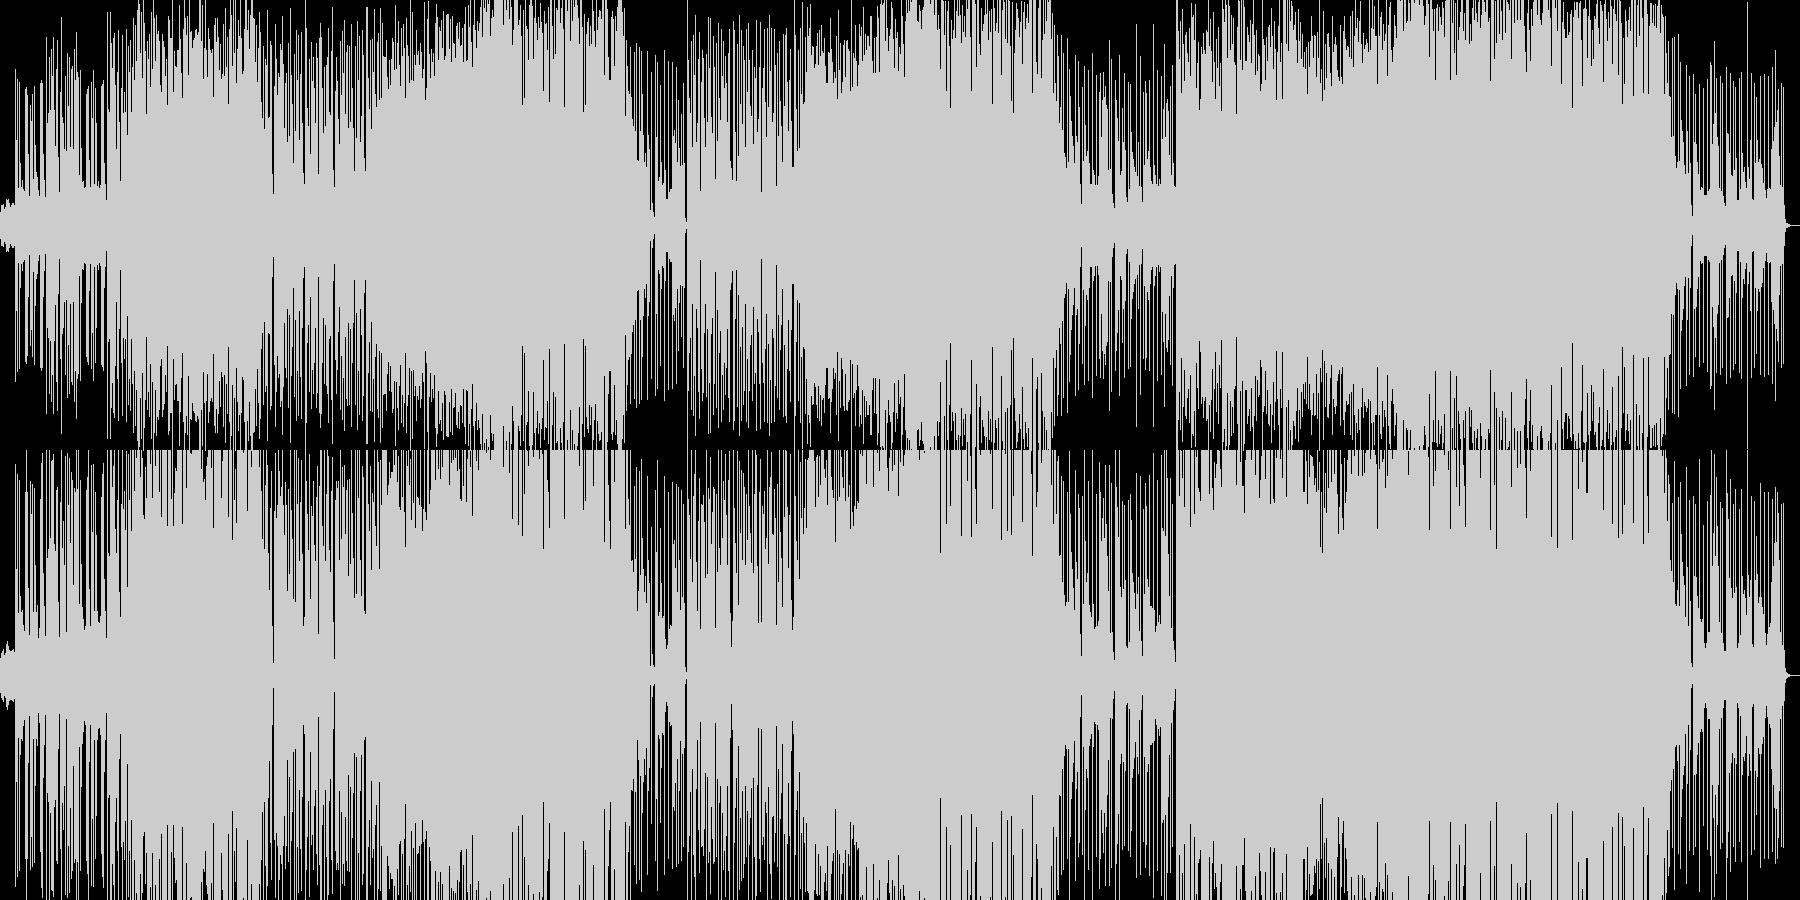 ウキウキとワクワクの戦隊ものポップスの未再生の波形